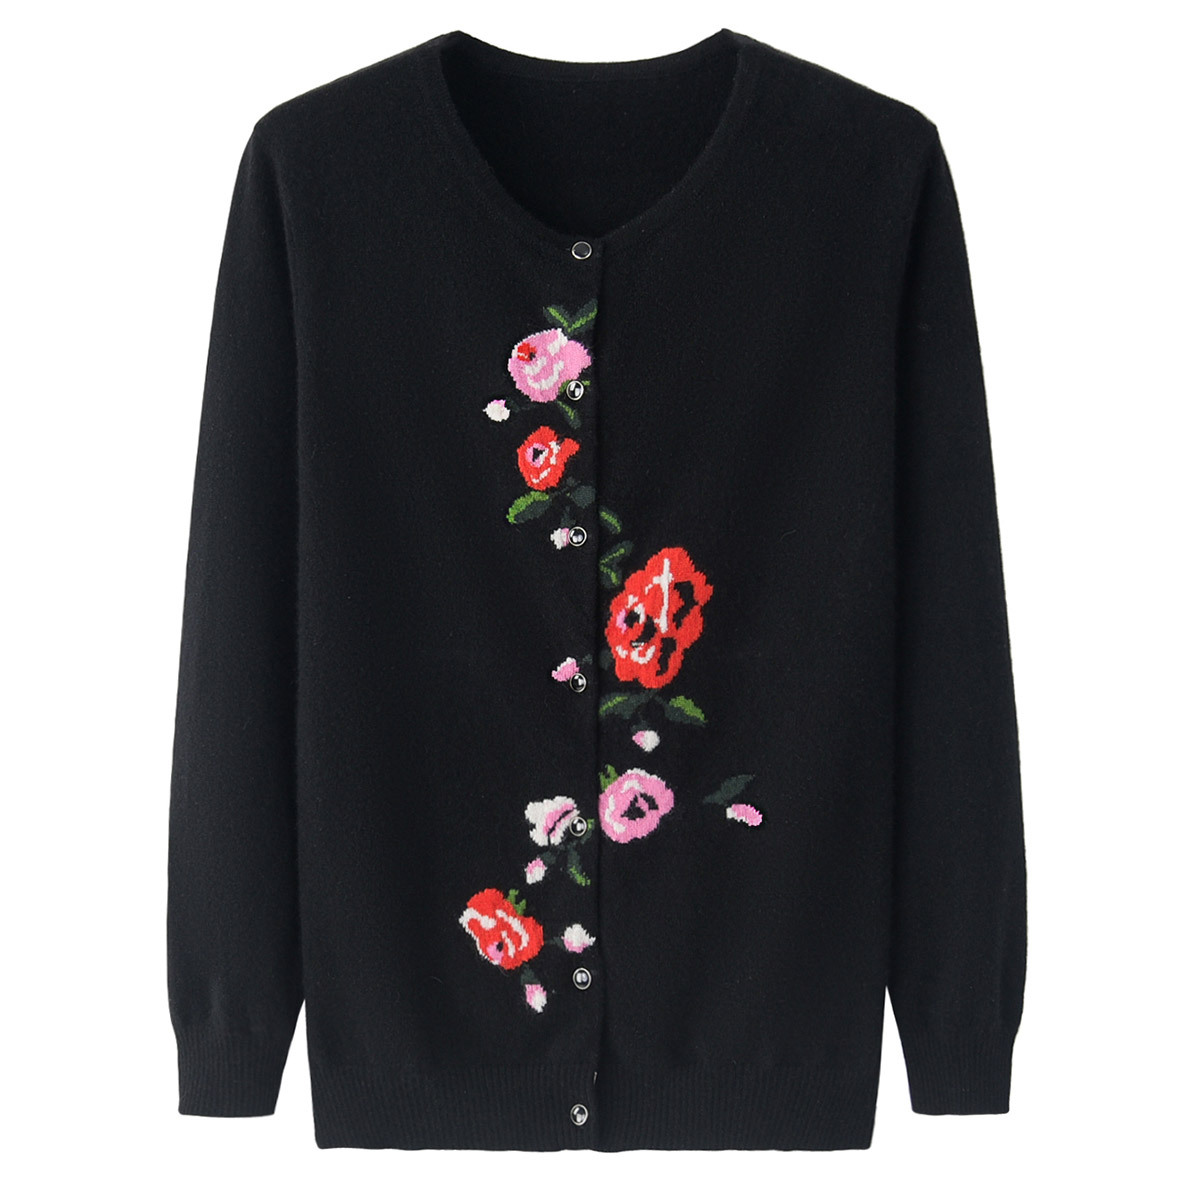 中老年秋冬装羊绒衫女士圆领对襟休闲简朴针织开衫外套长袖毛衣新